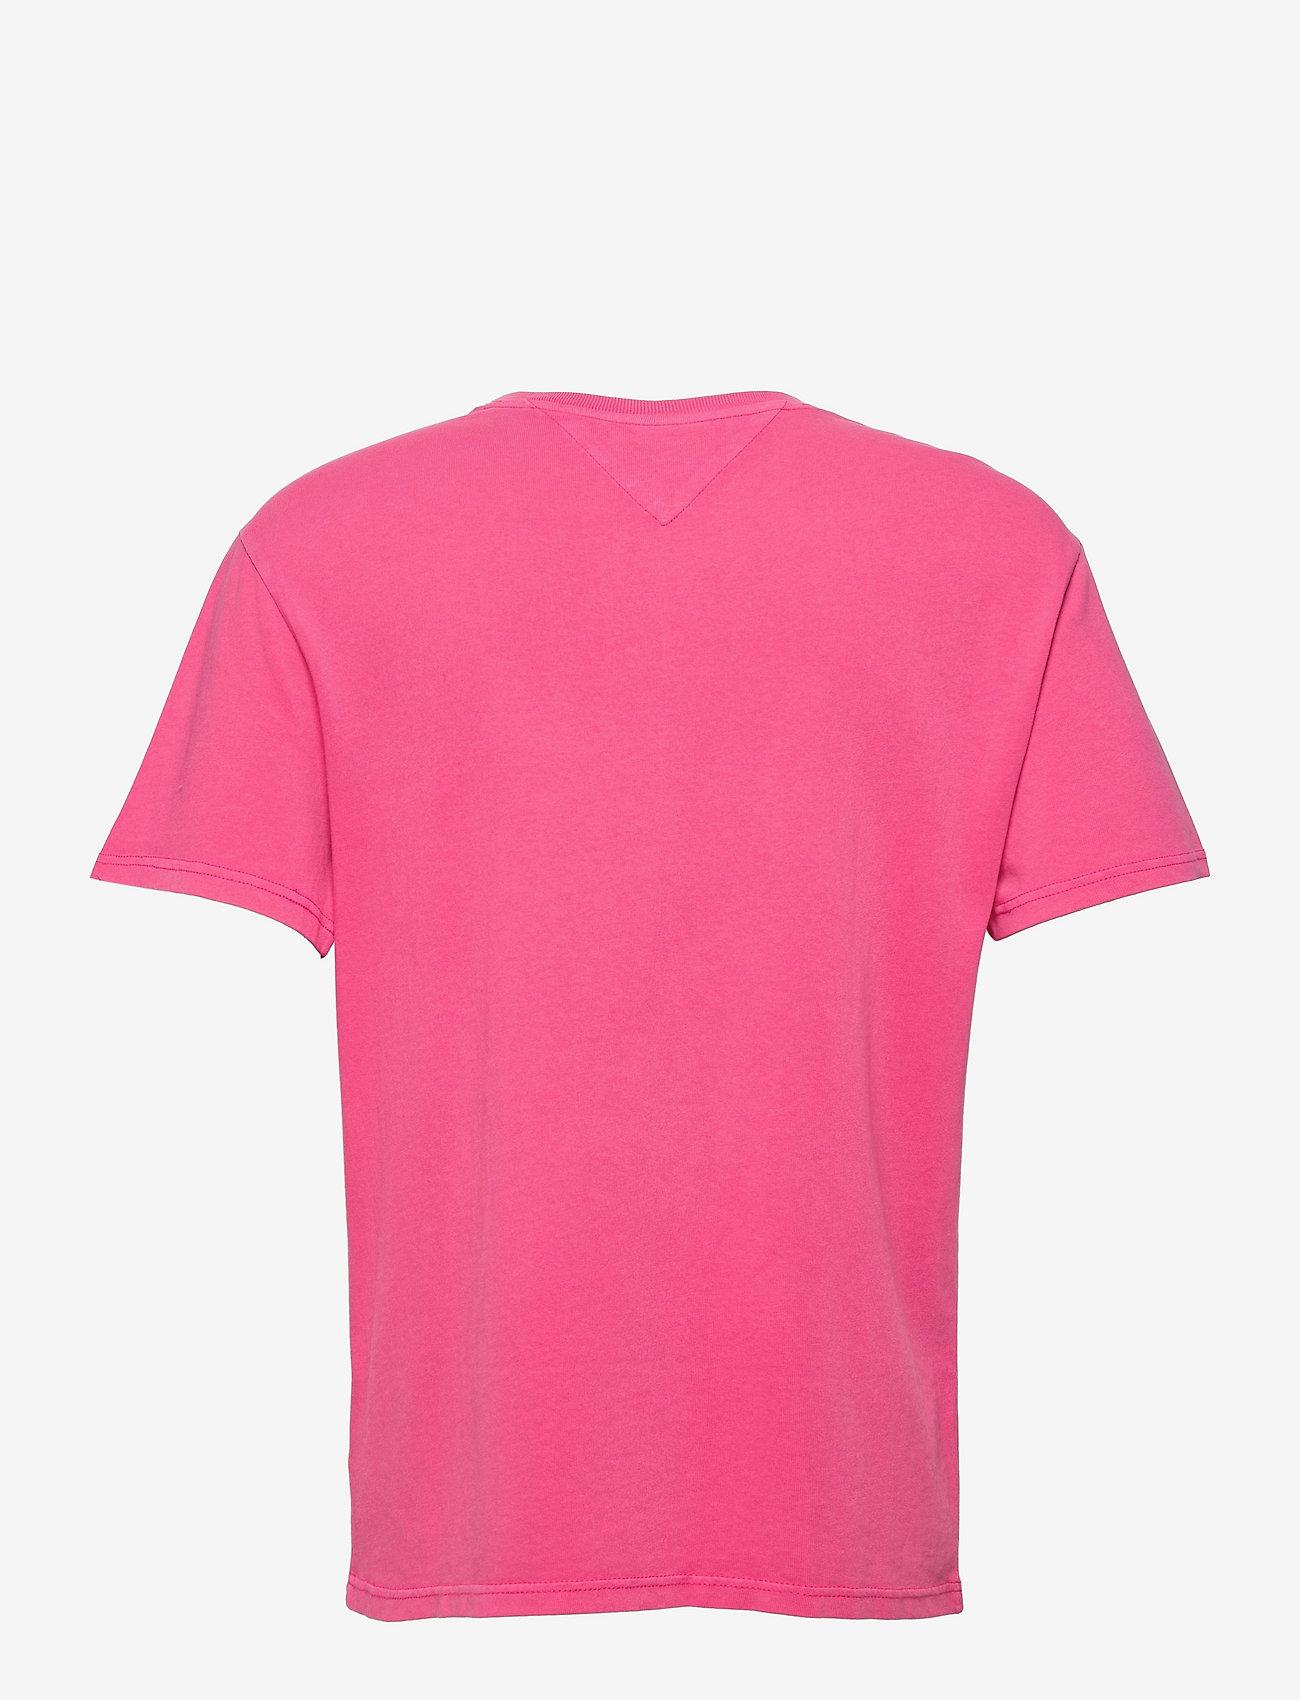 Tommy Jeans - TJM FADED FLAG SCRIPT TEE - kortärmade t-shirts - bright cerise pink - 1